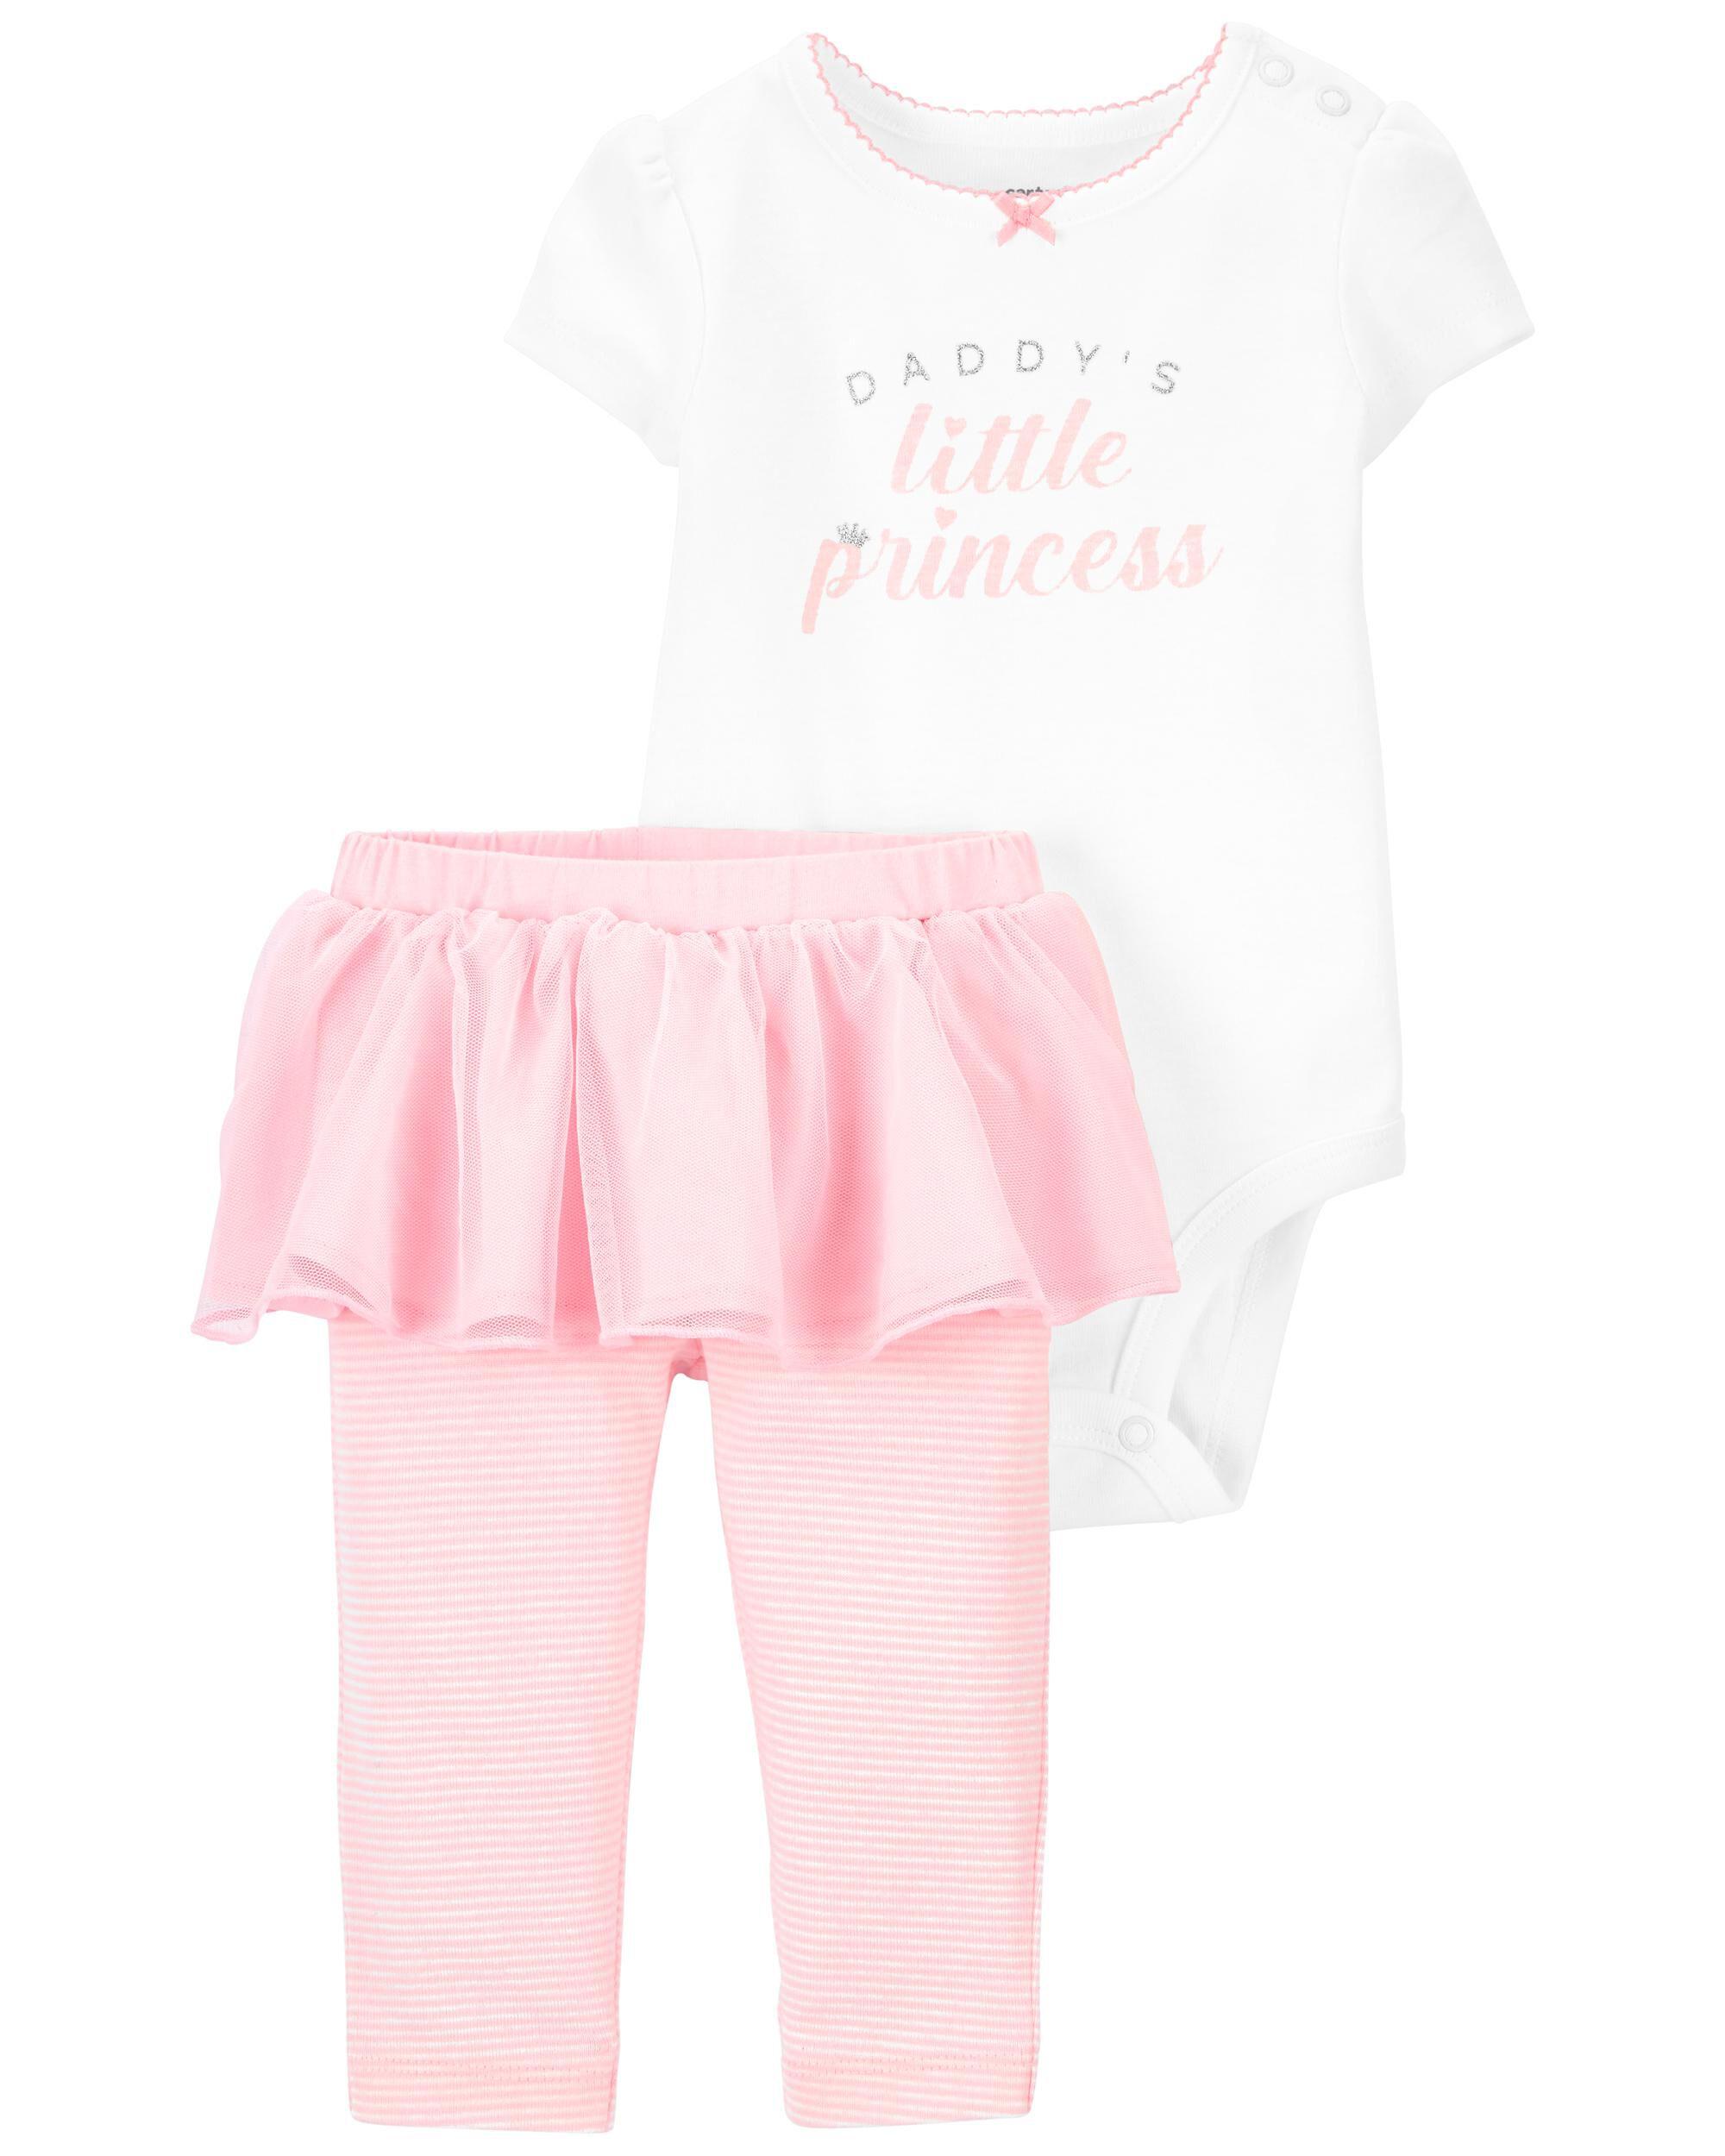 *DOORBUSTER* 2-Piece Princess Bodysuit & Tutu Pant Set